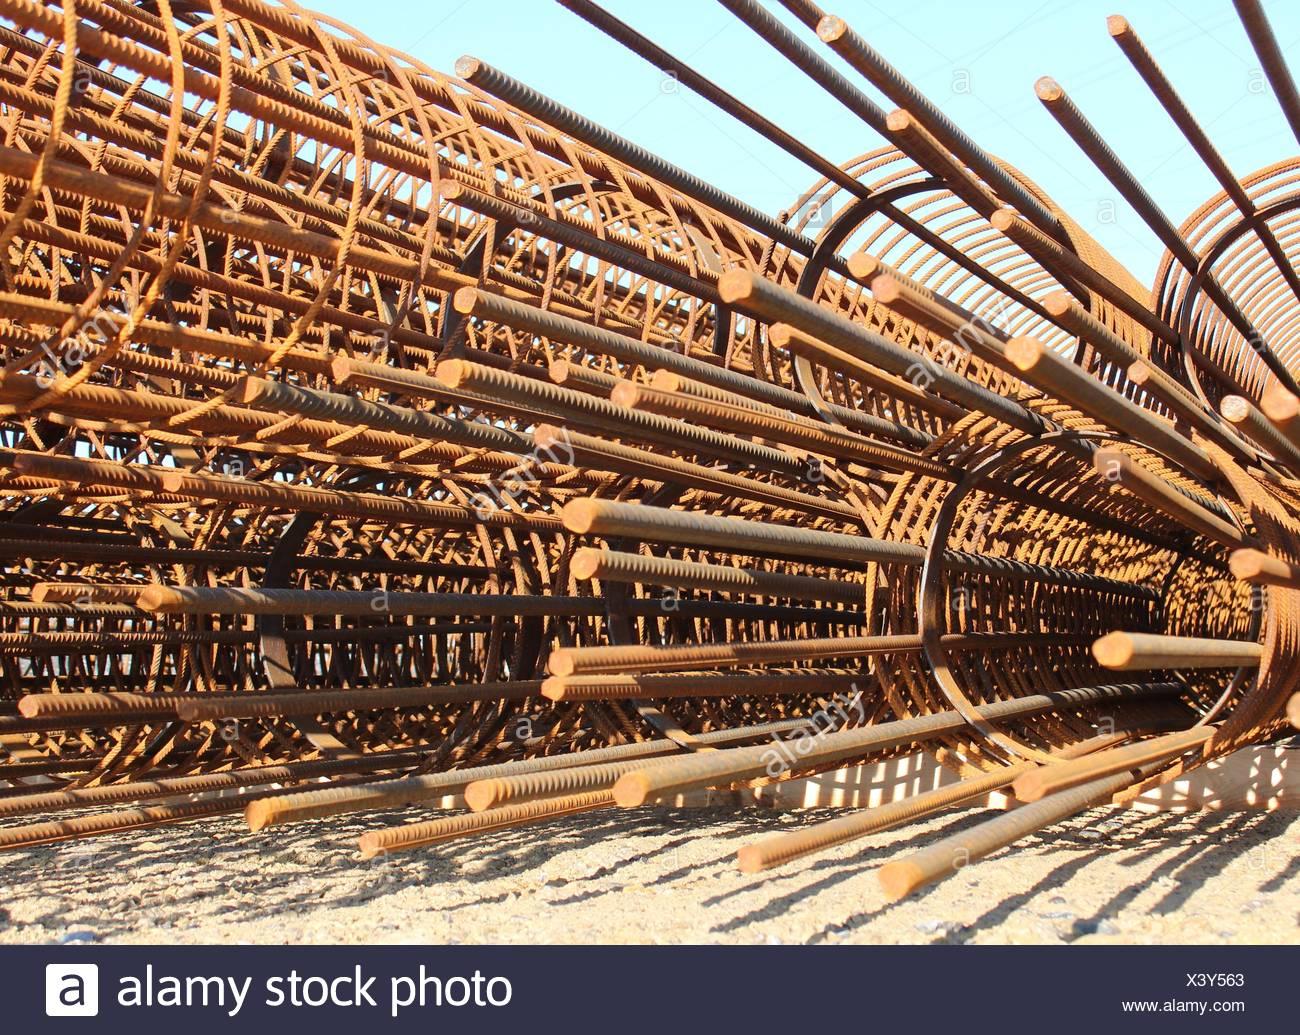 Core wire for concrete - Stock Image